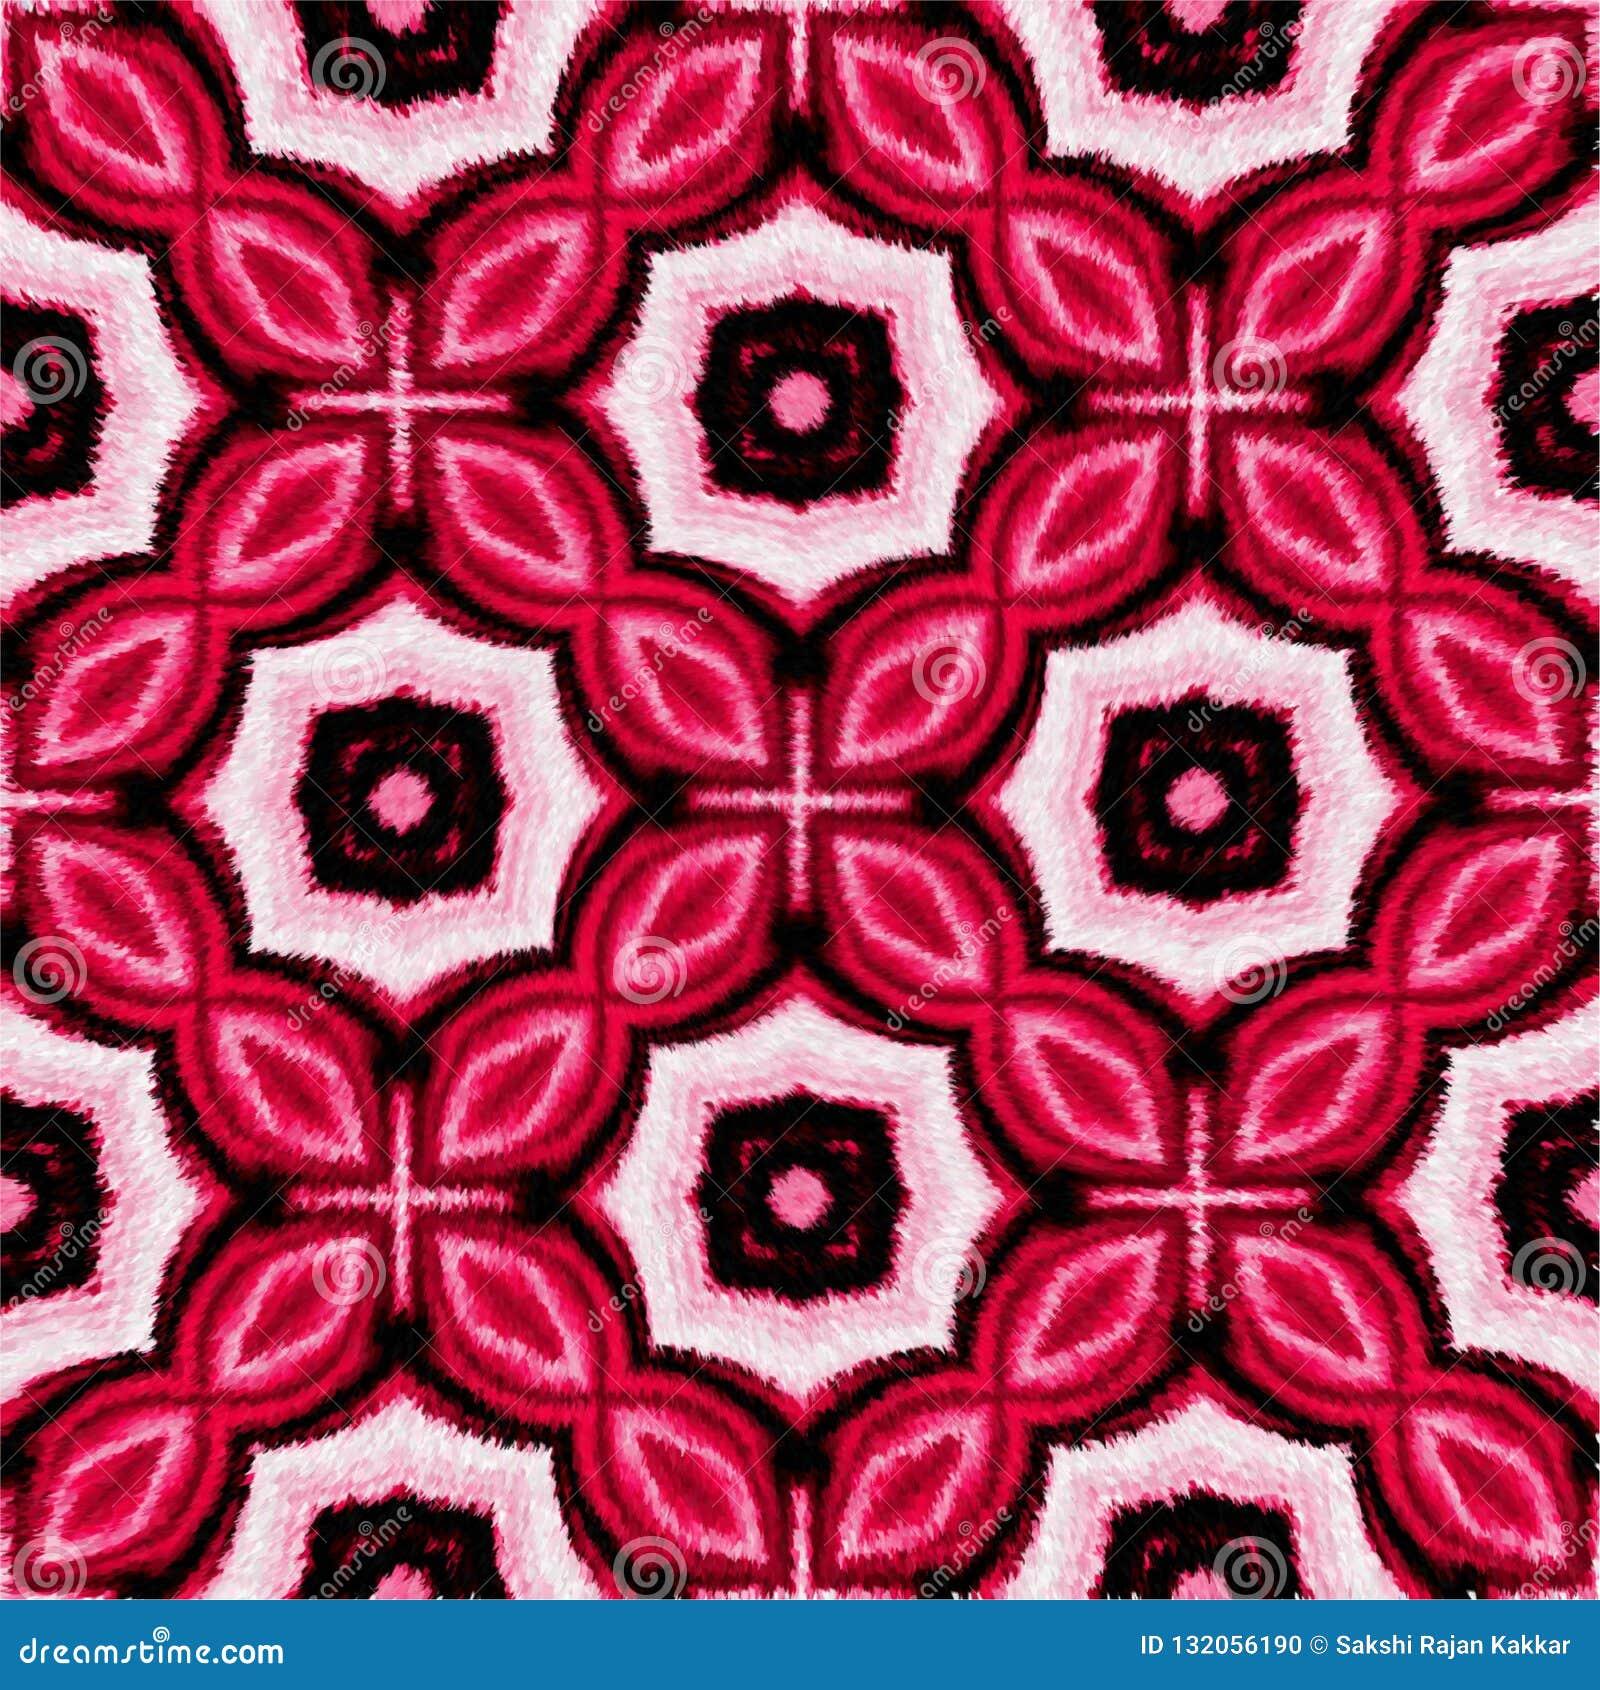 Красочный меховой и освещенный компьютер одеяла произвел дизайн изображения иллюстрации